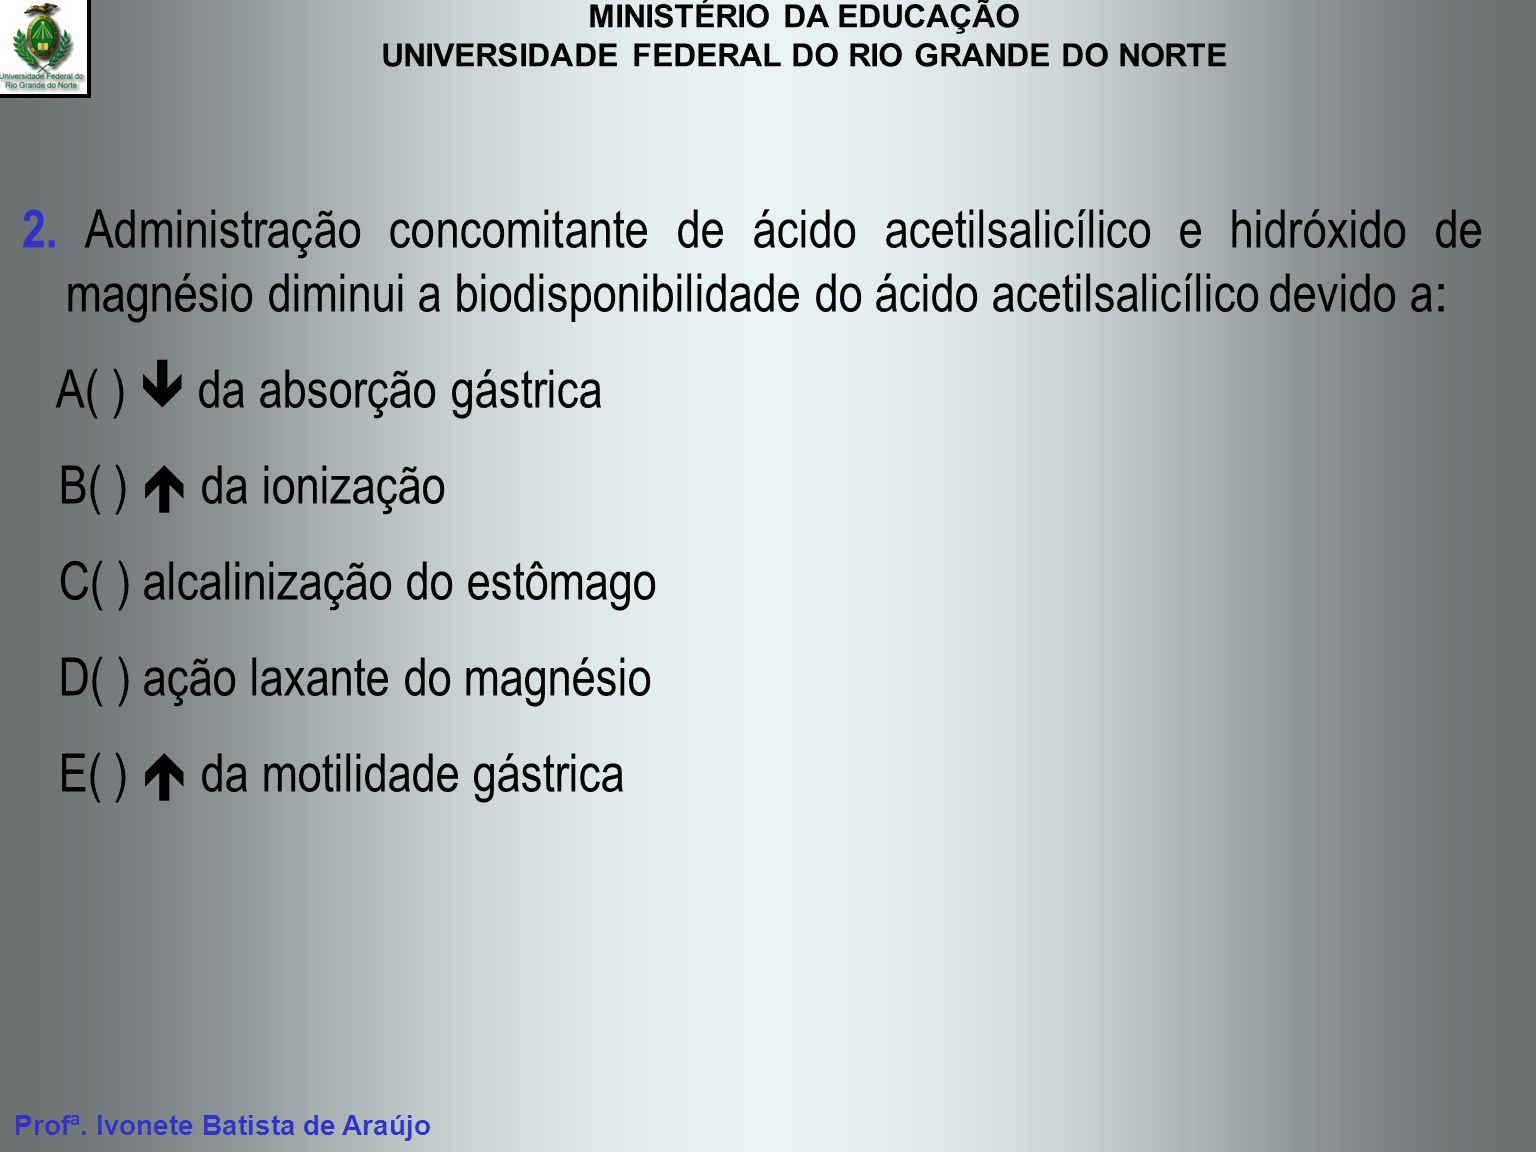 2. Administração concomitante de ácido acetilsalicílico e hidróxido de magnésio diminui a biodisponibilidade do ácido acetilsalicílico devido a: